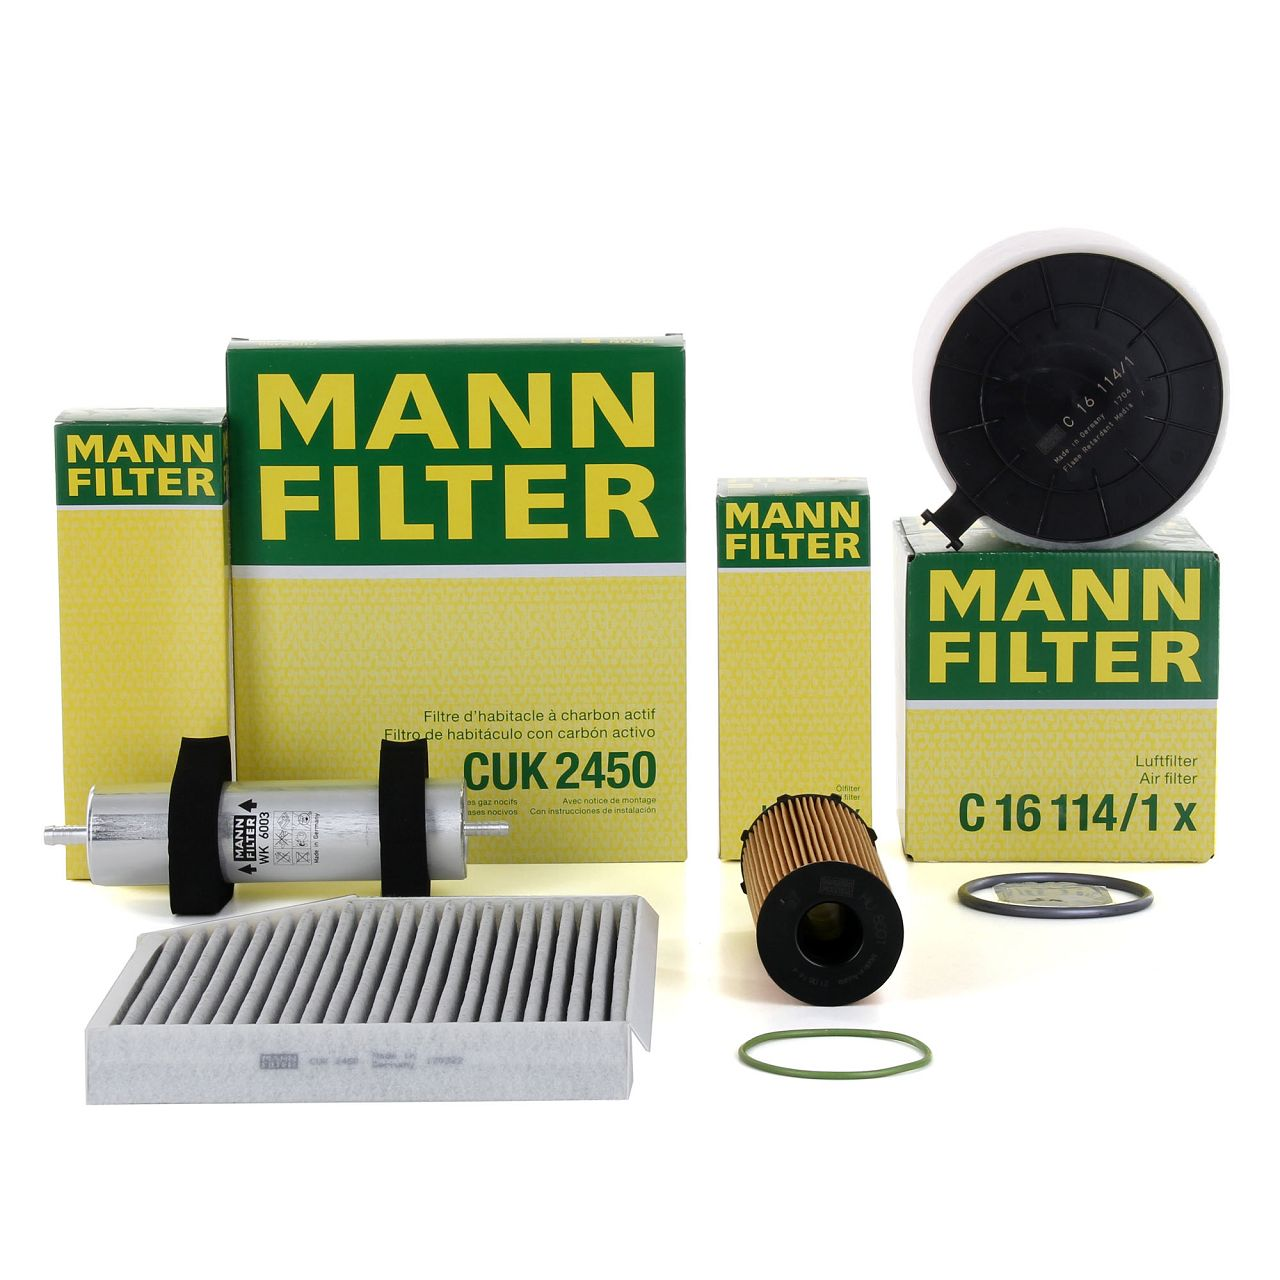 MANN Inspektionskit für AUDI A4 (8K B8) A5 (8T 8F) 2.7 TDI 3.0 TDI ab Fgst.-Nr.